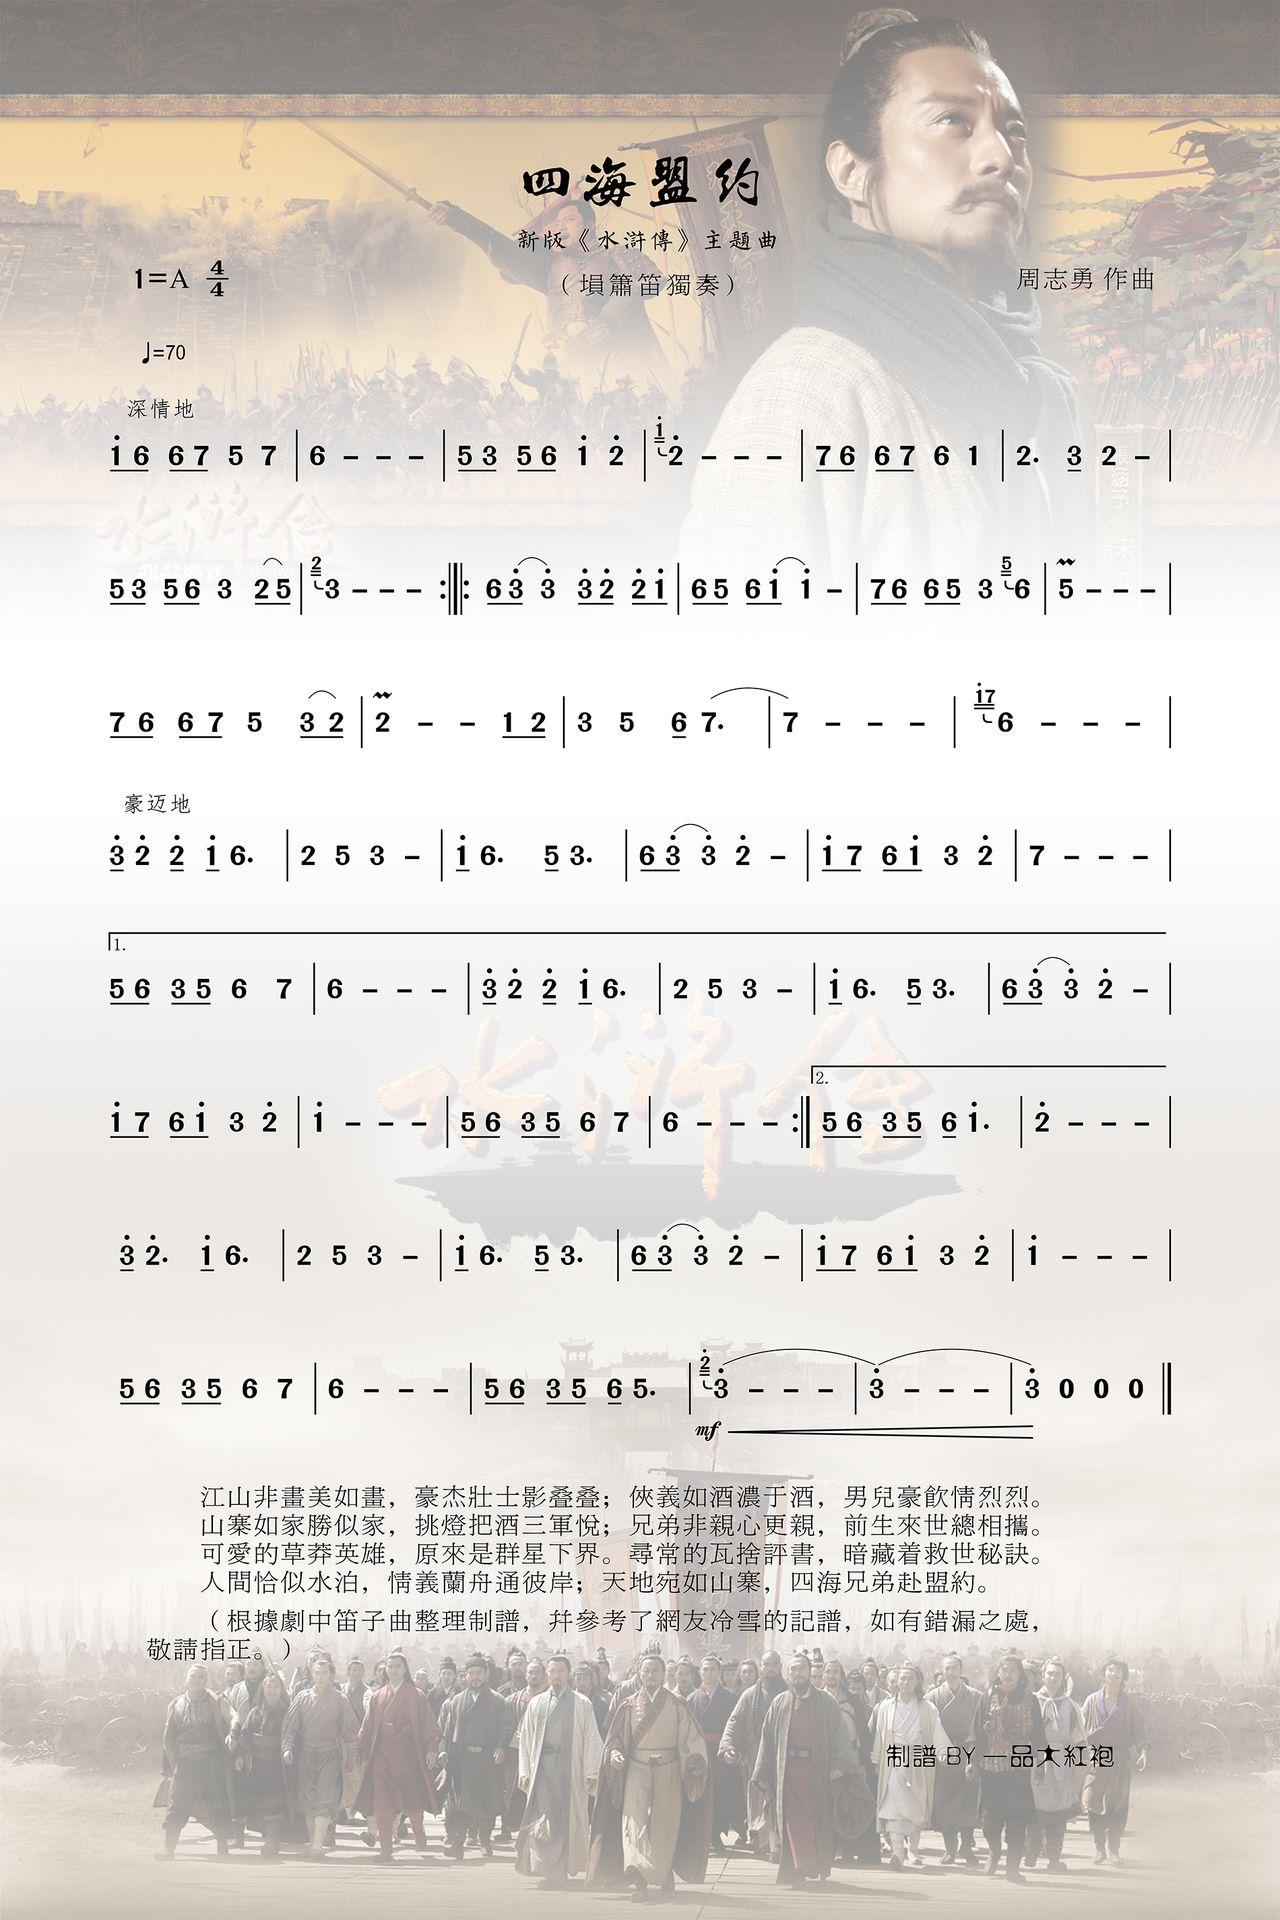 主题曲 四海盟约 曲谱 伴奏 葫芦丝曲